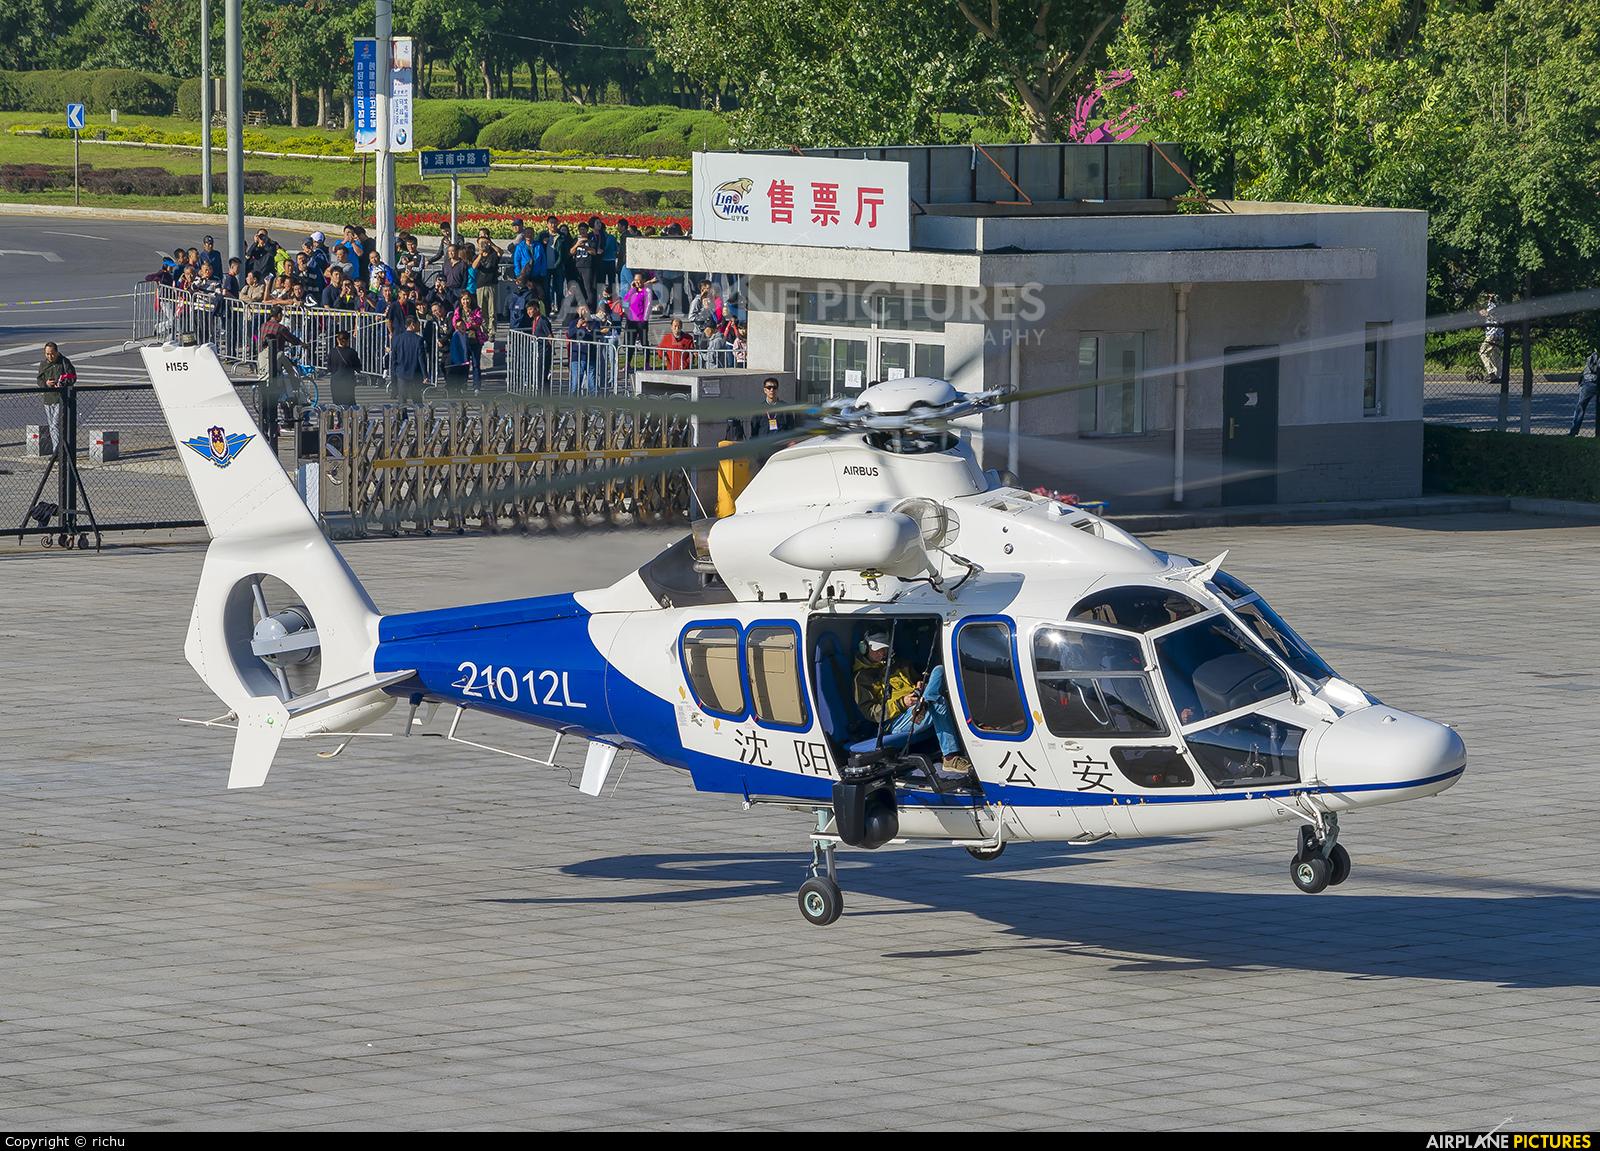 China - Police 21012L aircraft at Off Airport - China